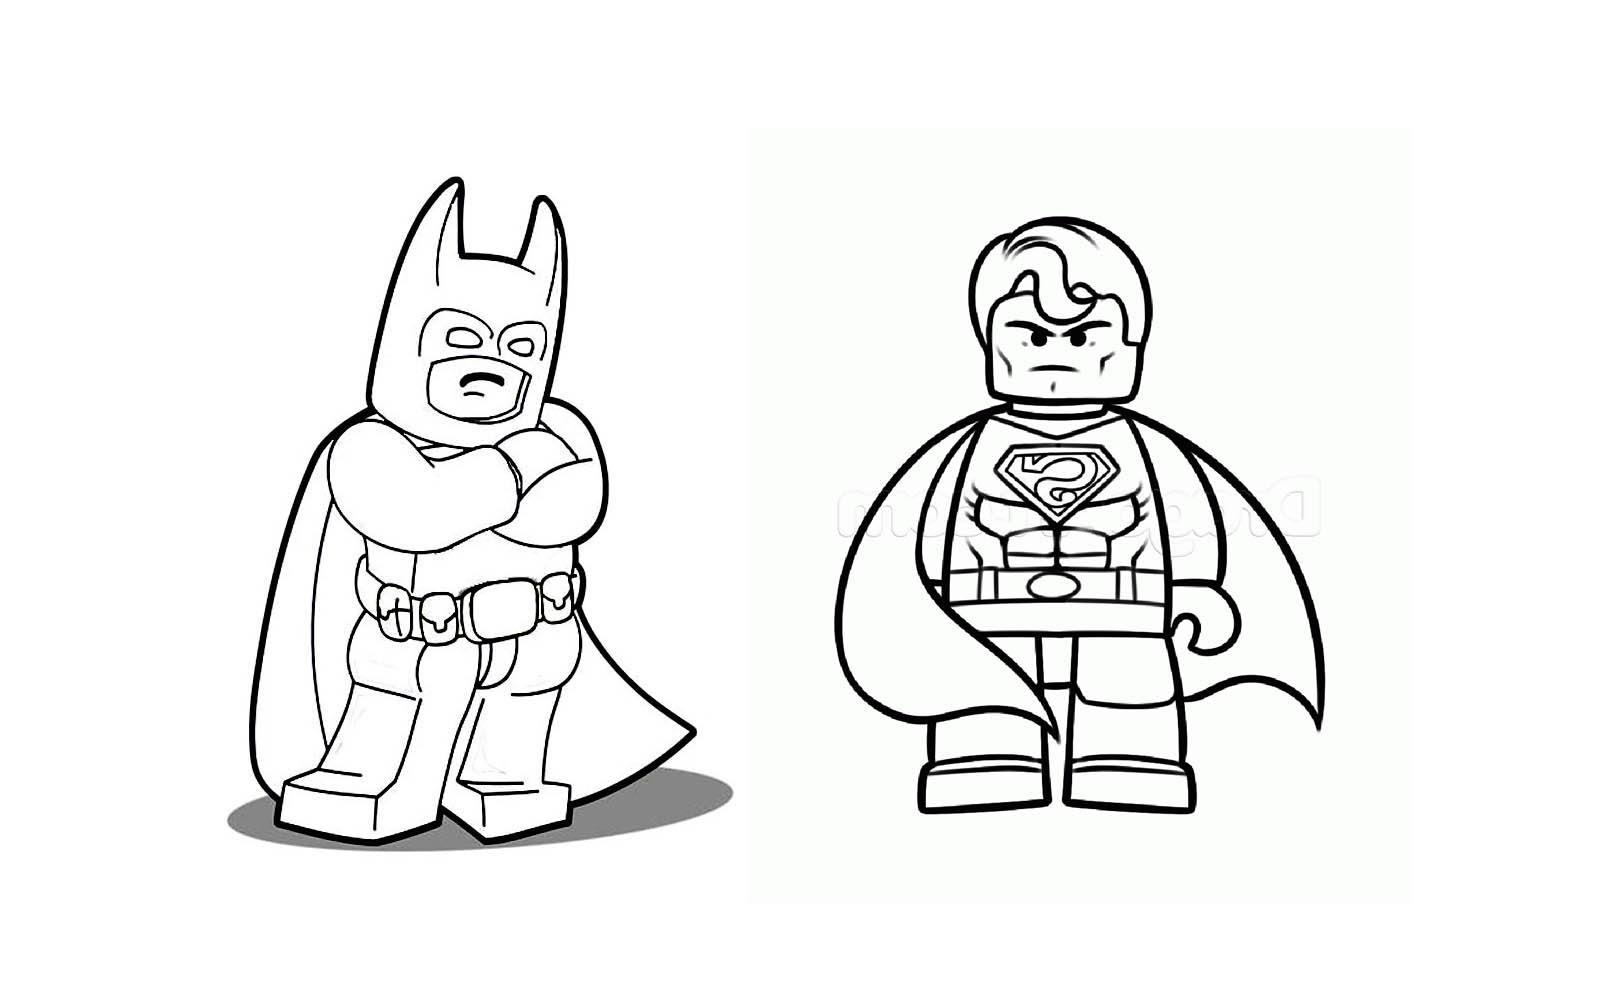 310 Dessins De Coloriage Batman à Imprimer Sur Laguerchecom Page 6